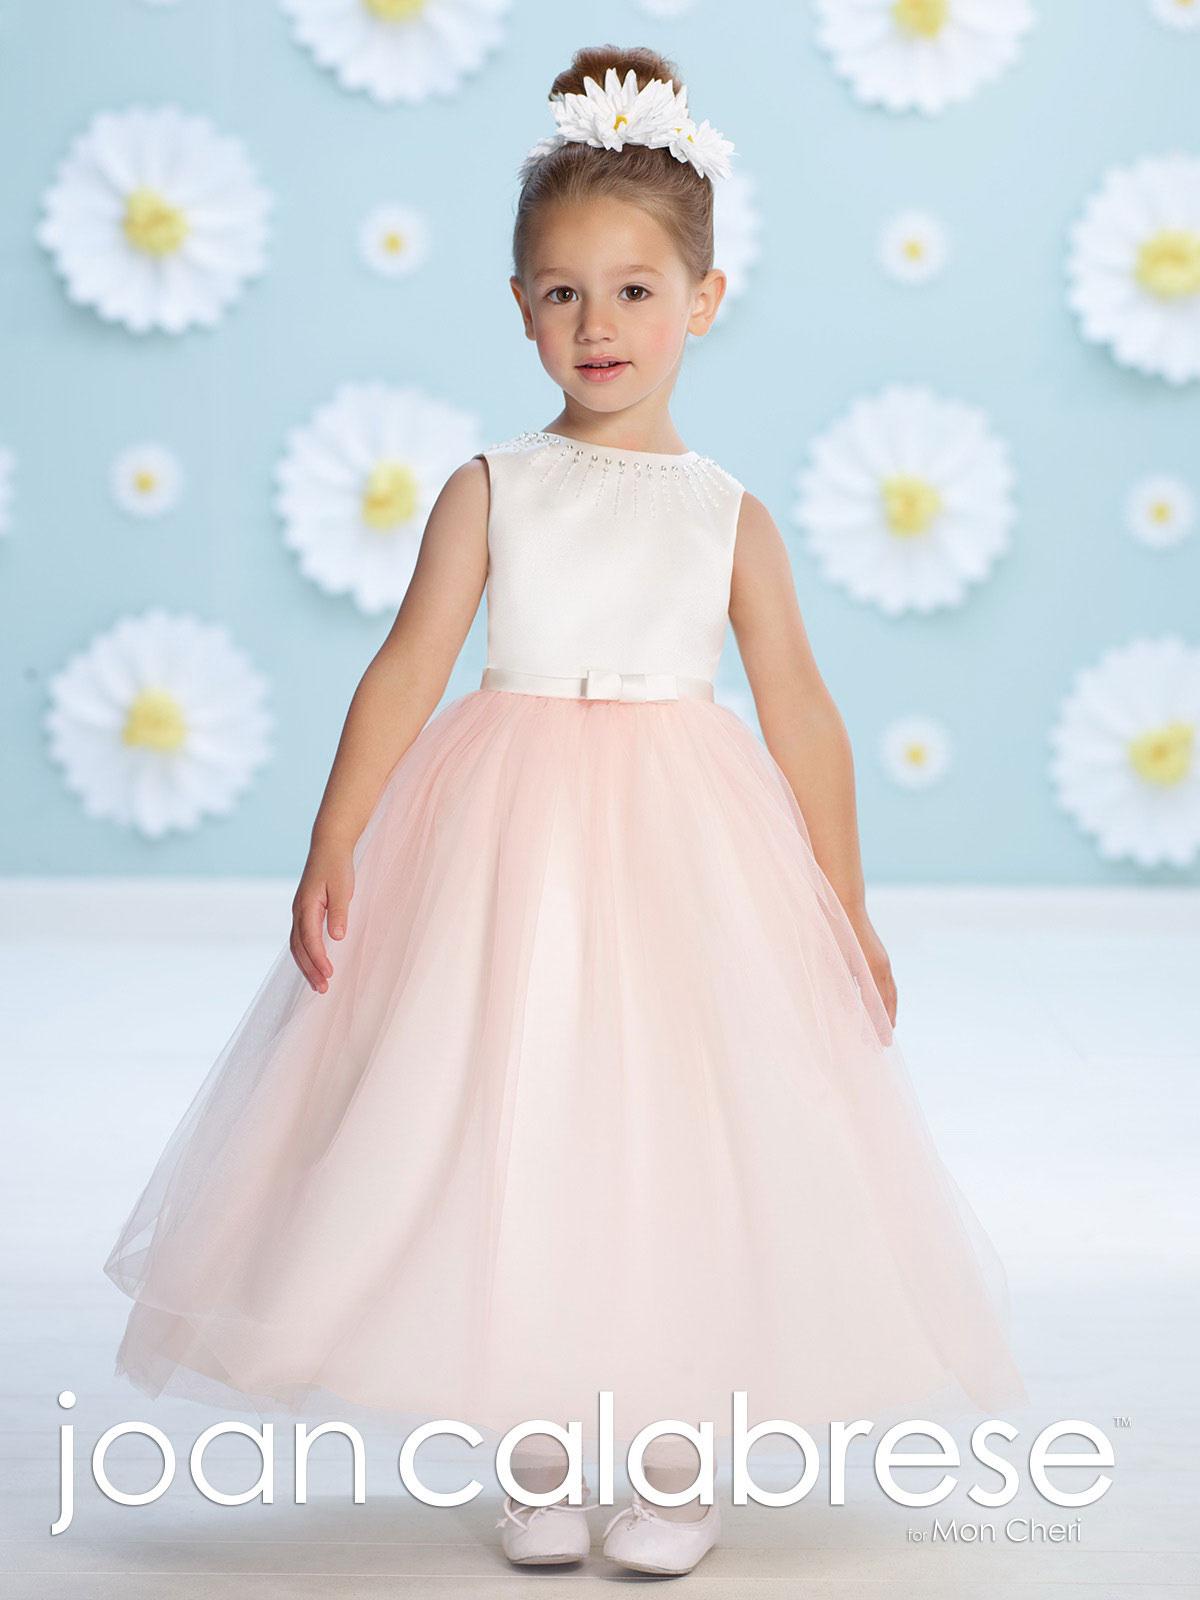 White Dress And Black Flower